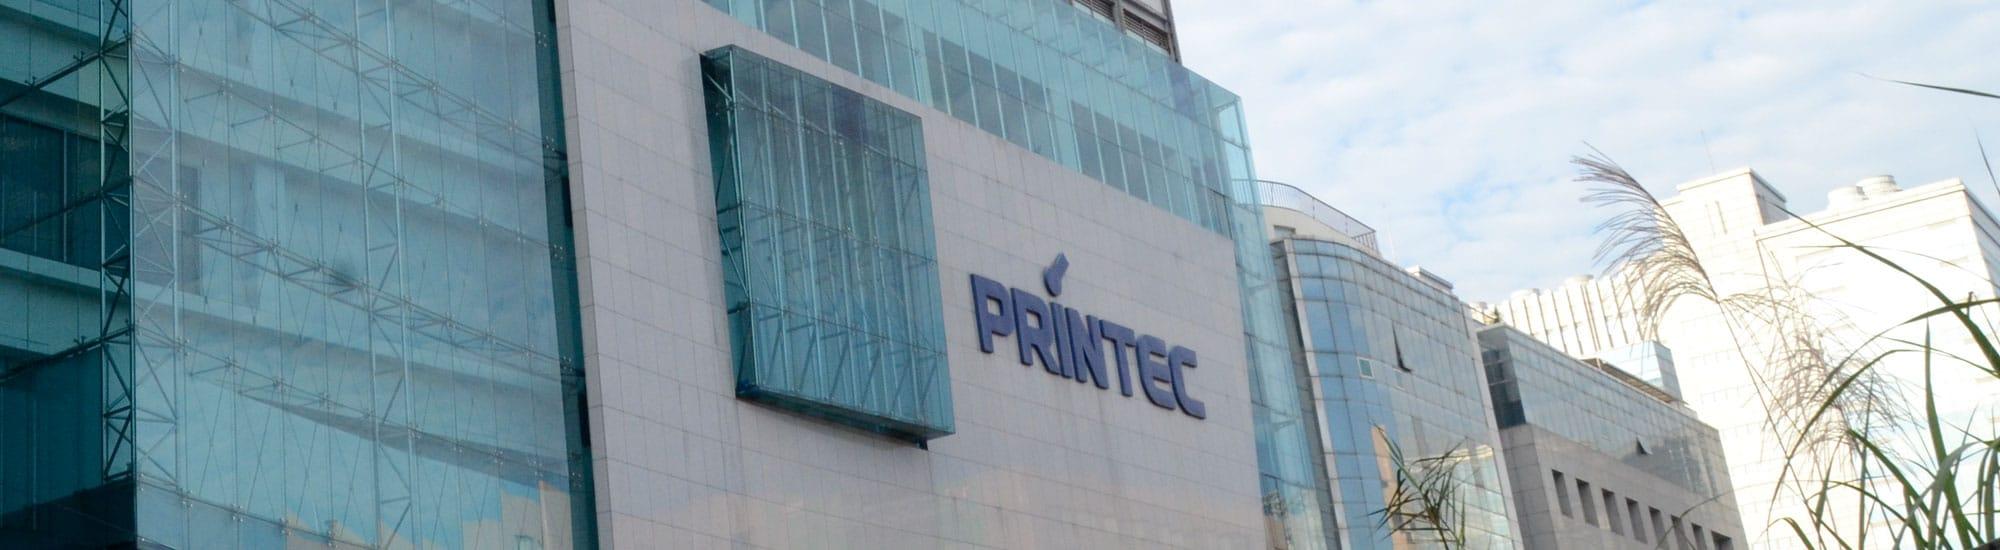 printec hc hmi manufacturer